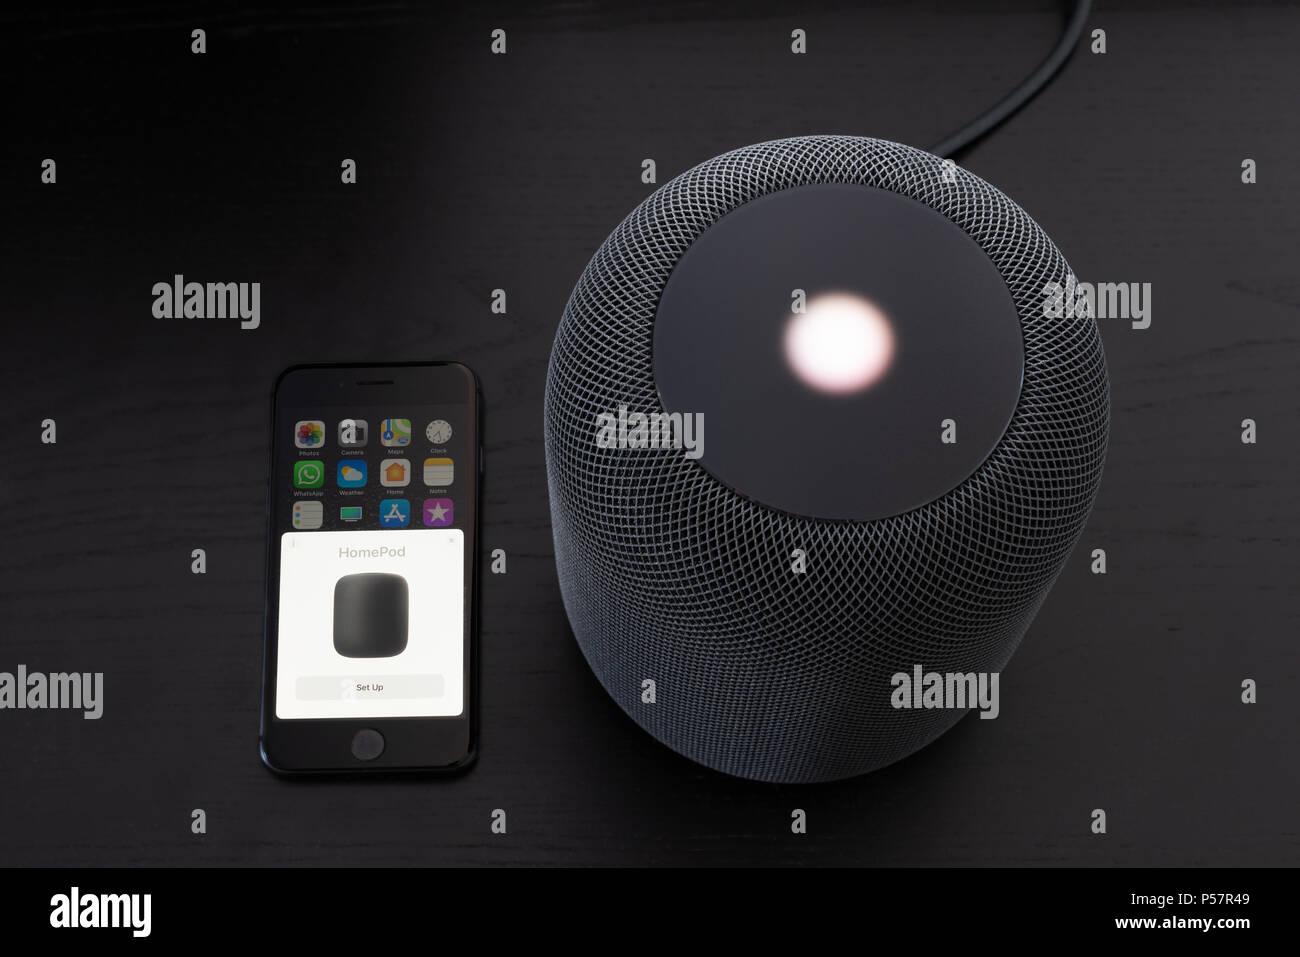 Installing an Apple HomePod speaker - Stock Image